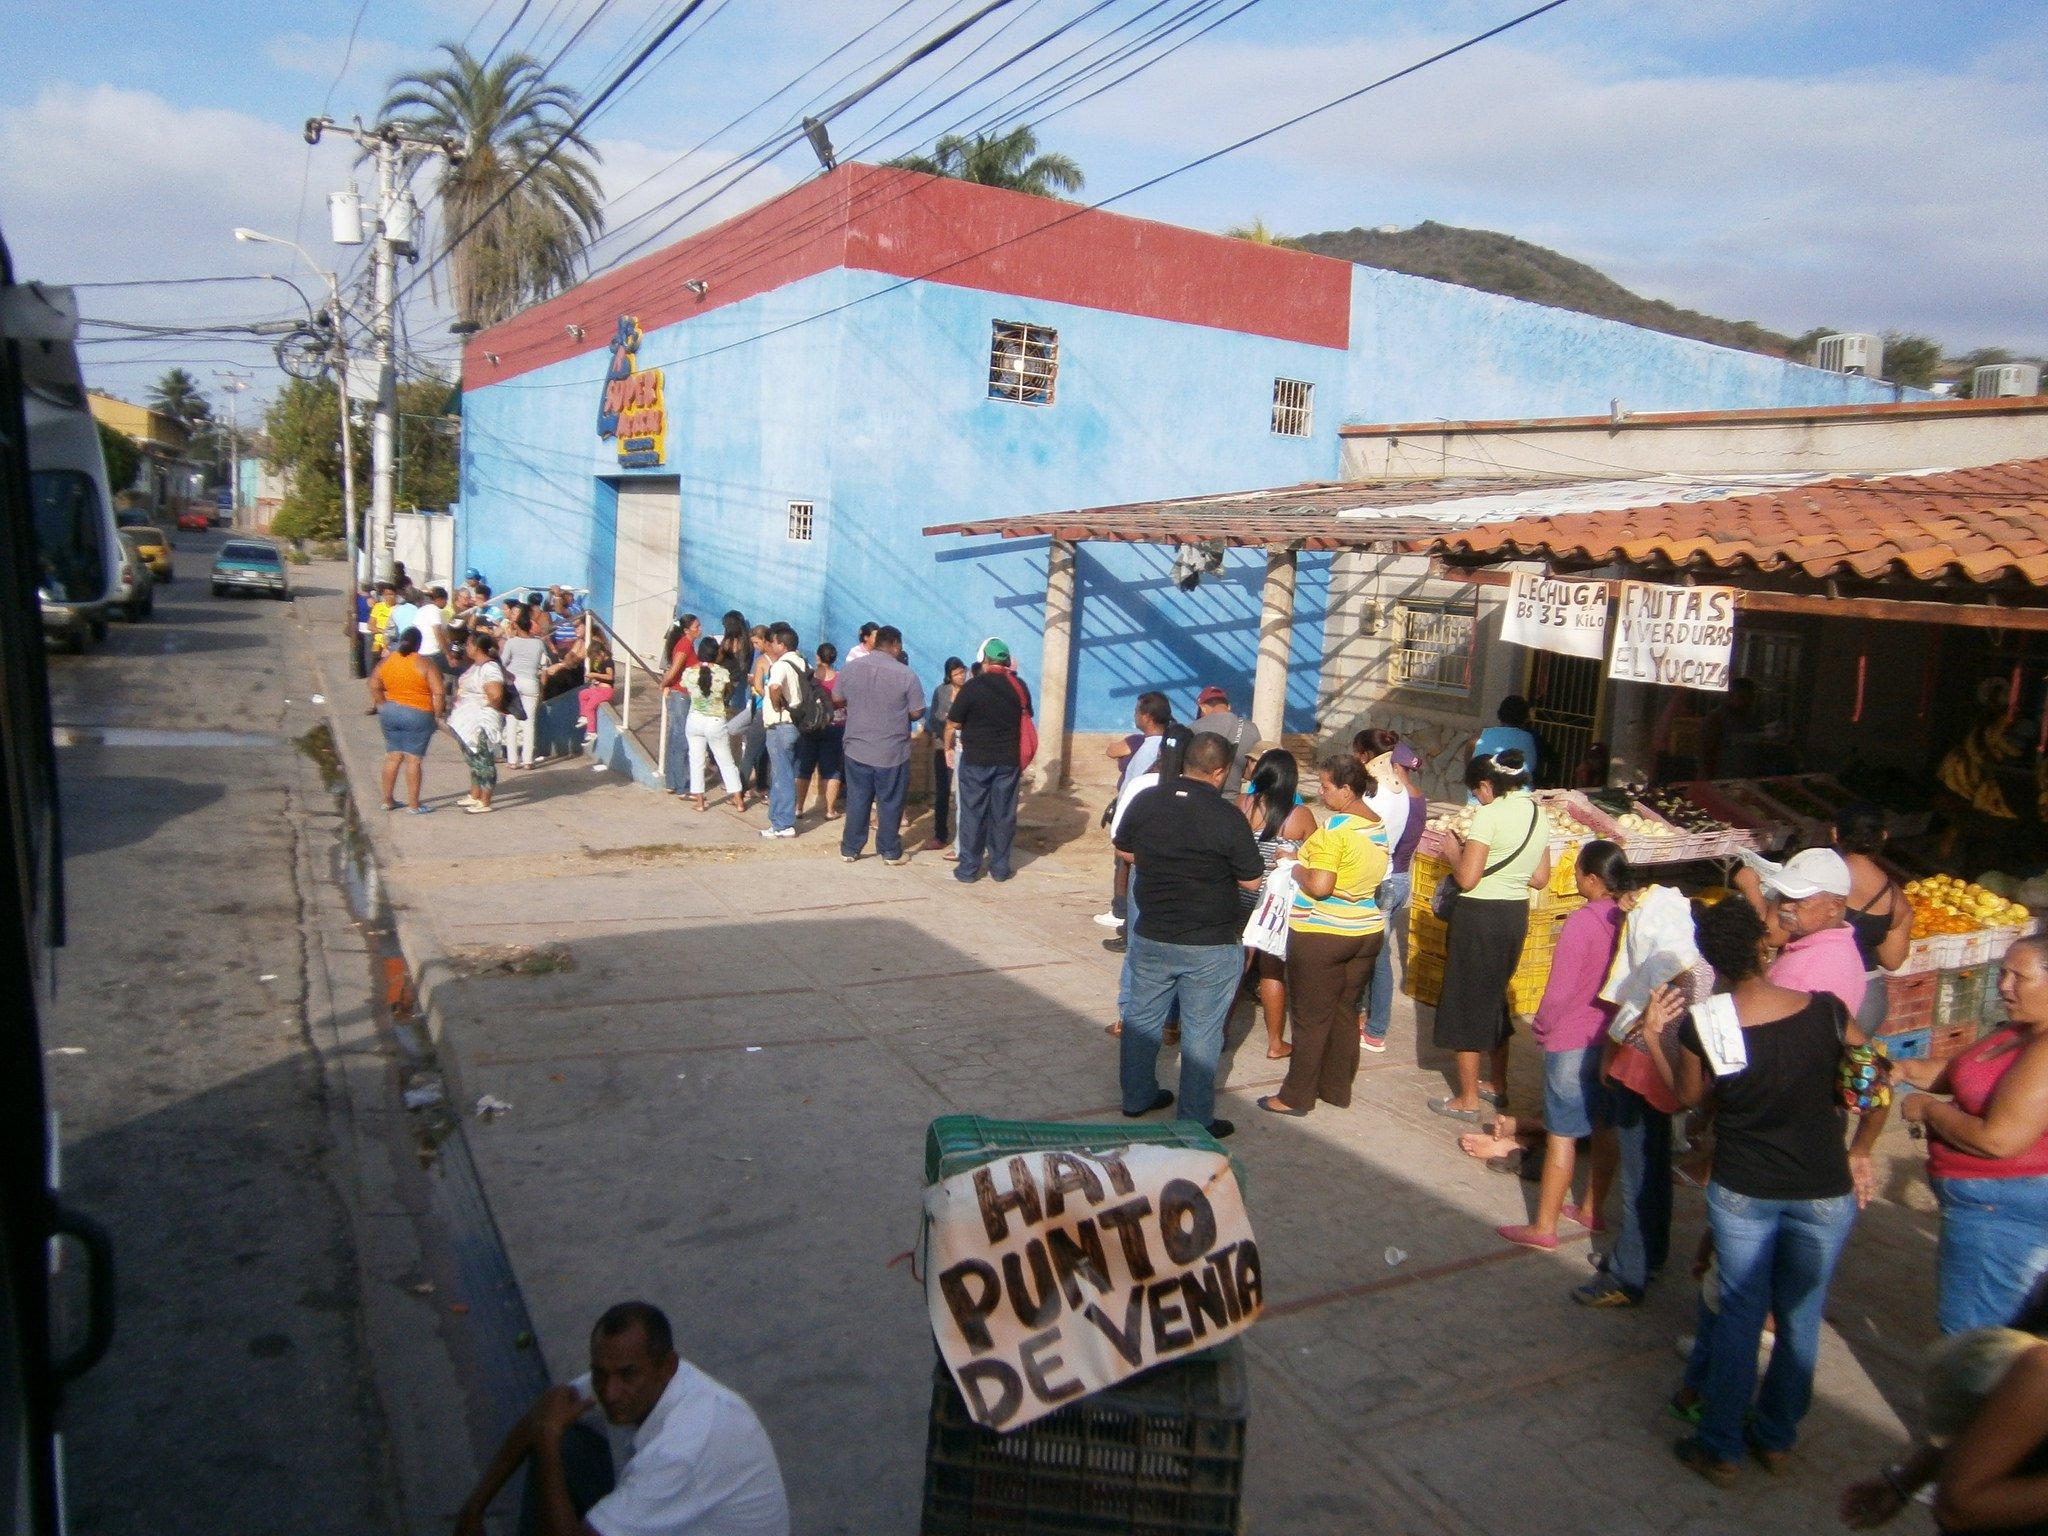 venezuela-food-shortage.jpg